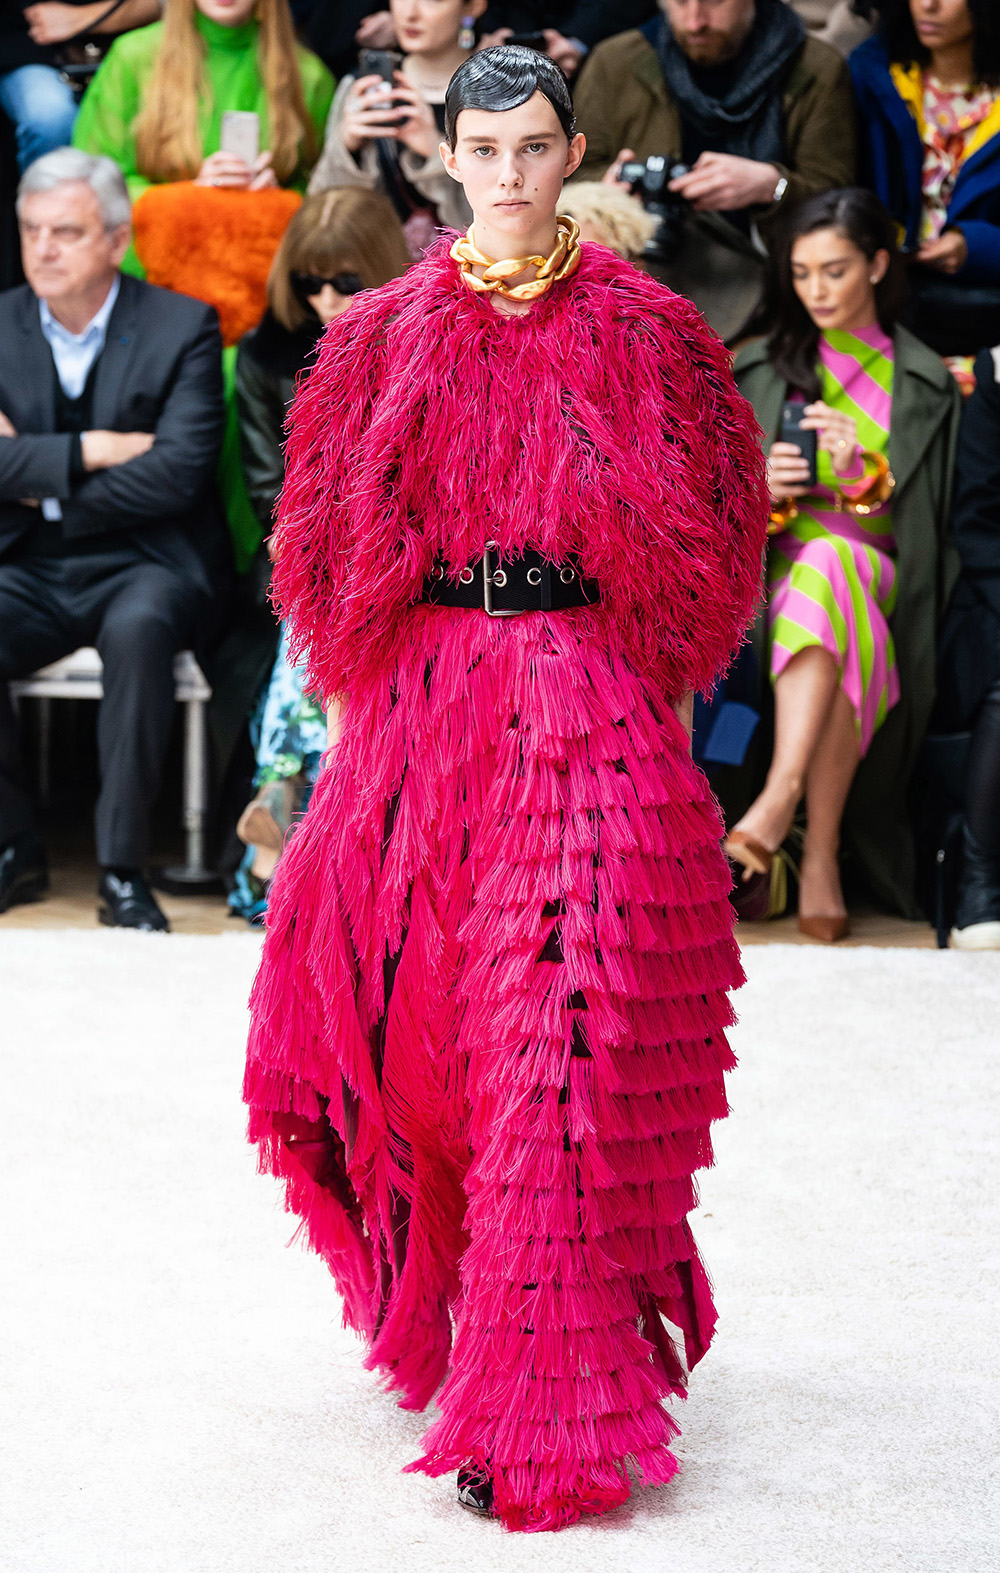 Best London Fashion Week Looks Off the Fall 2019 Runways I JW Anderson #FashionWeek #LFW #DesignerFashion